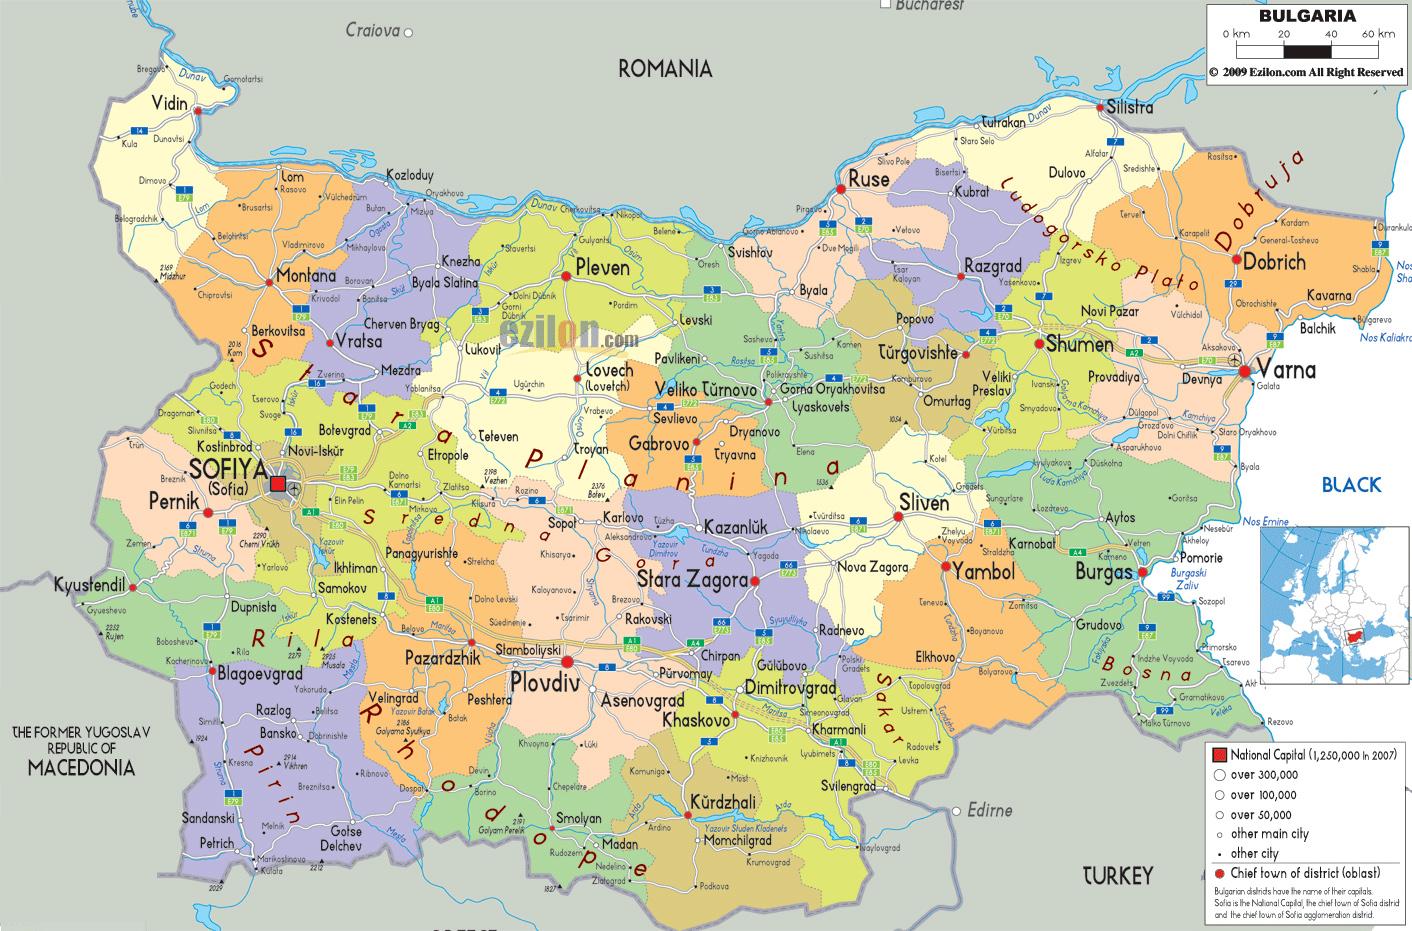 Mapy Bulgarii Szczegolowa Mapa Bulgarii W Jezyku Angielskim